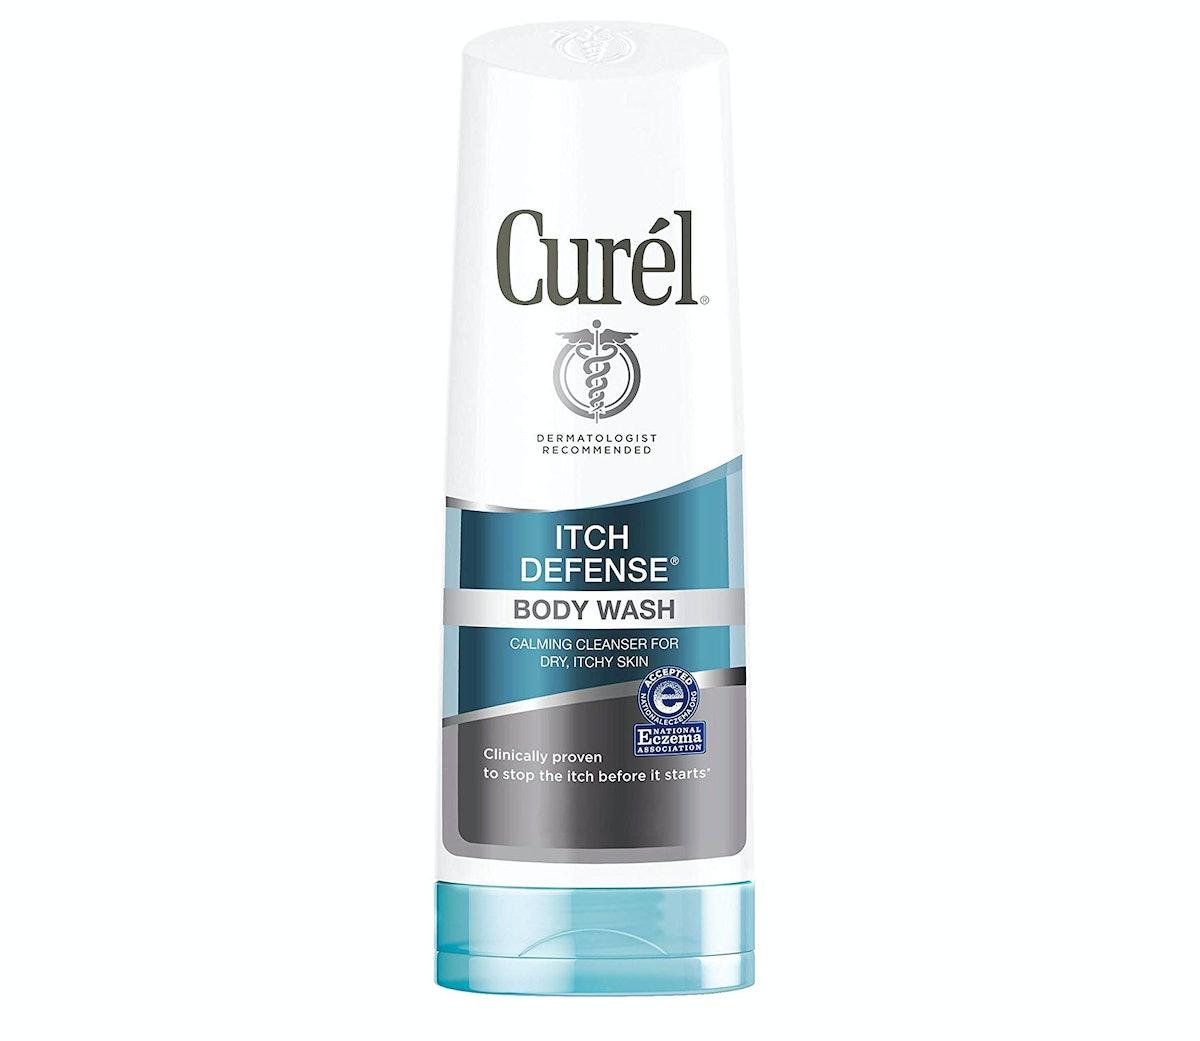 Curel Itch Defense Body Wash